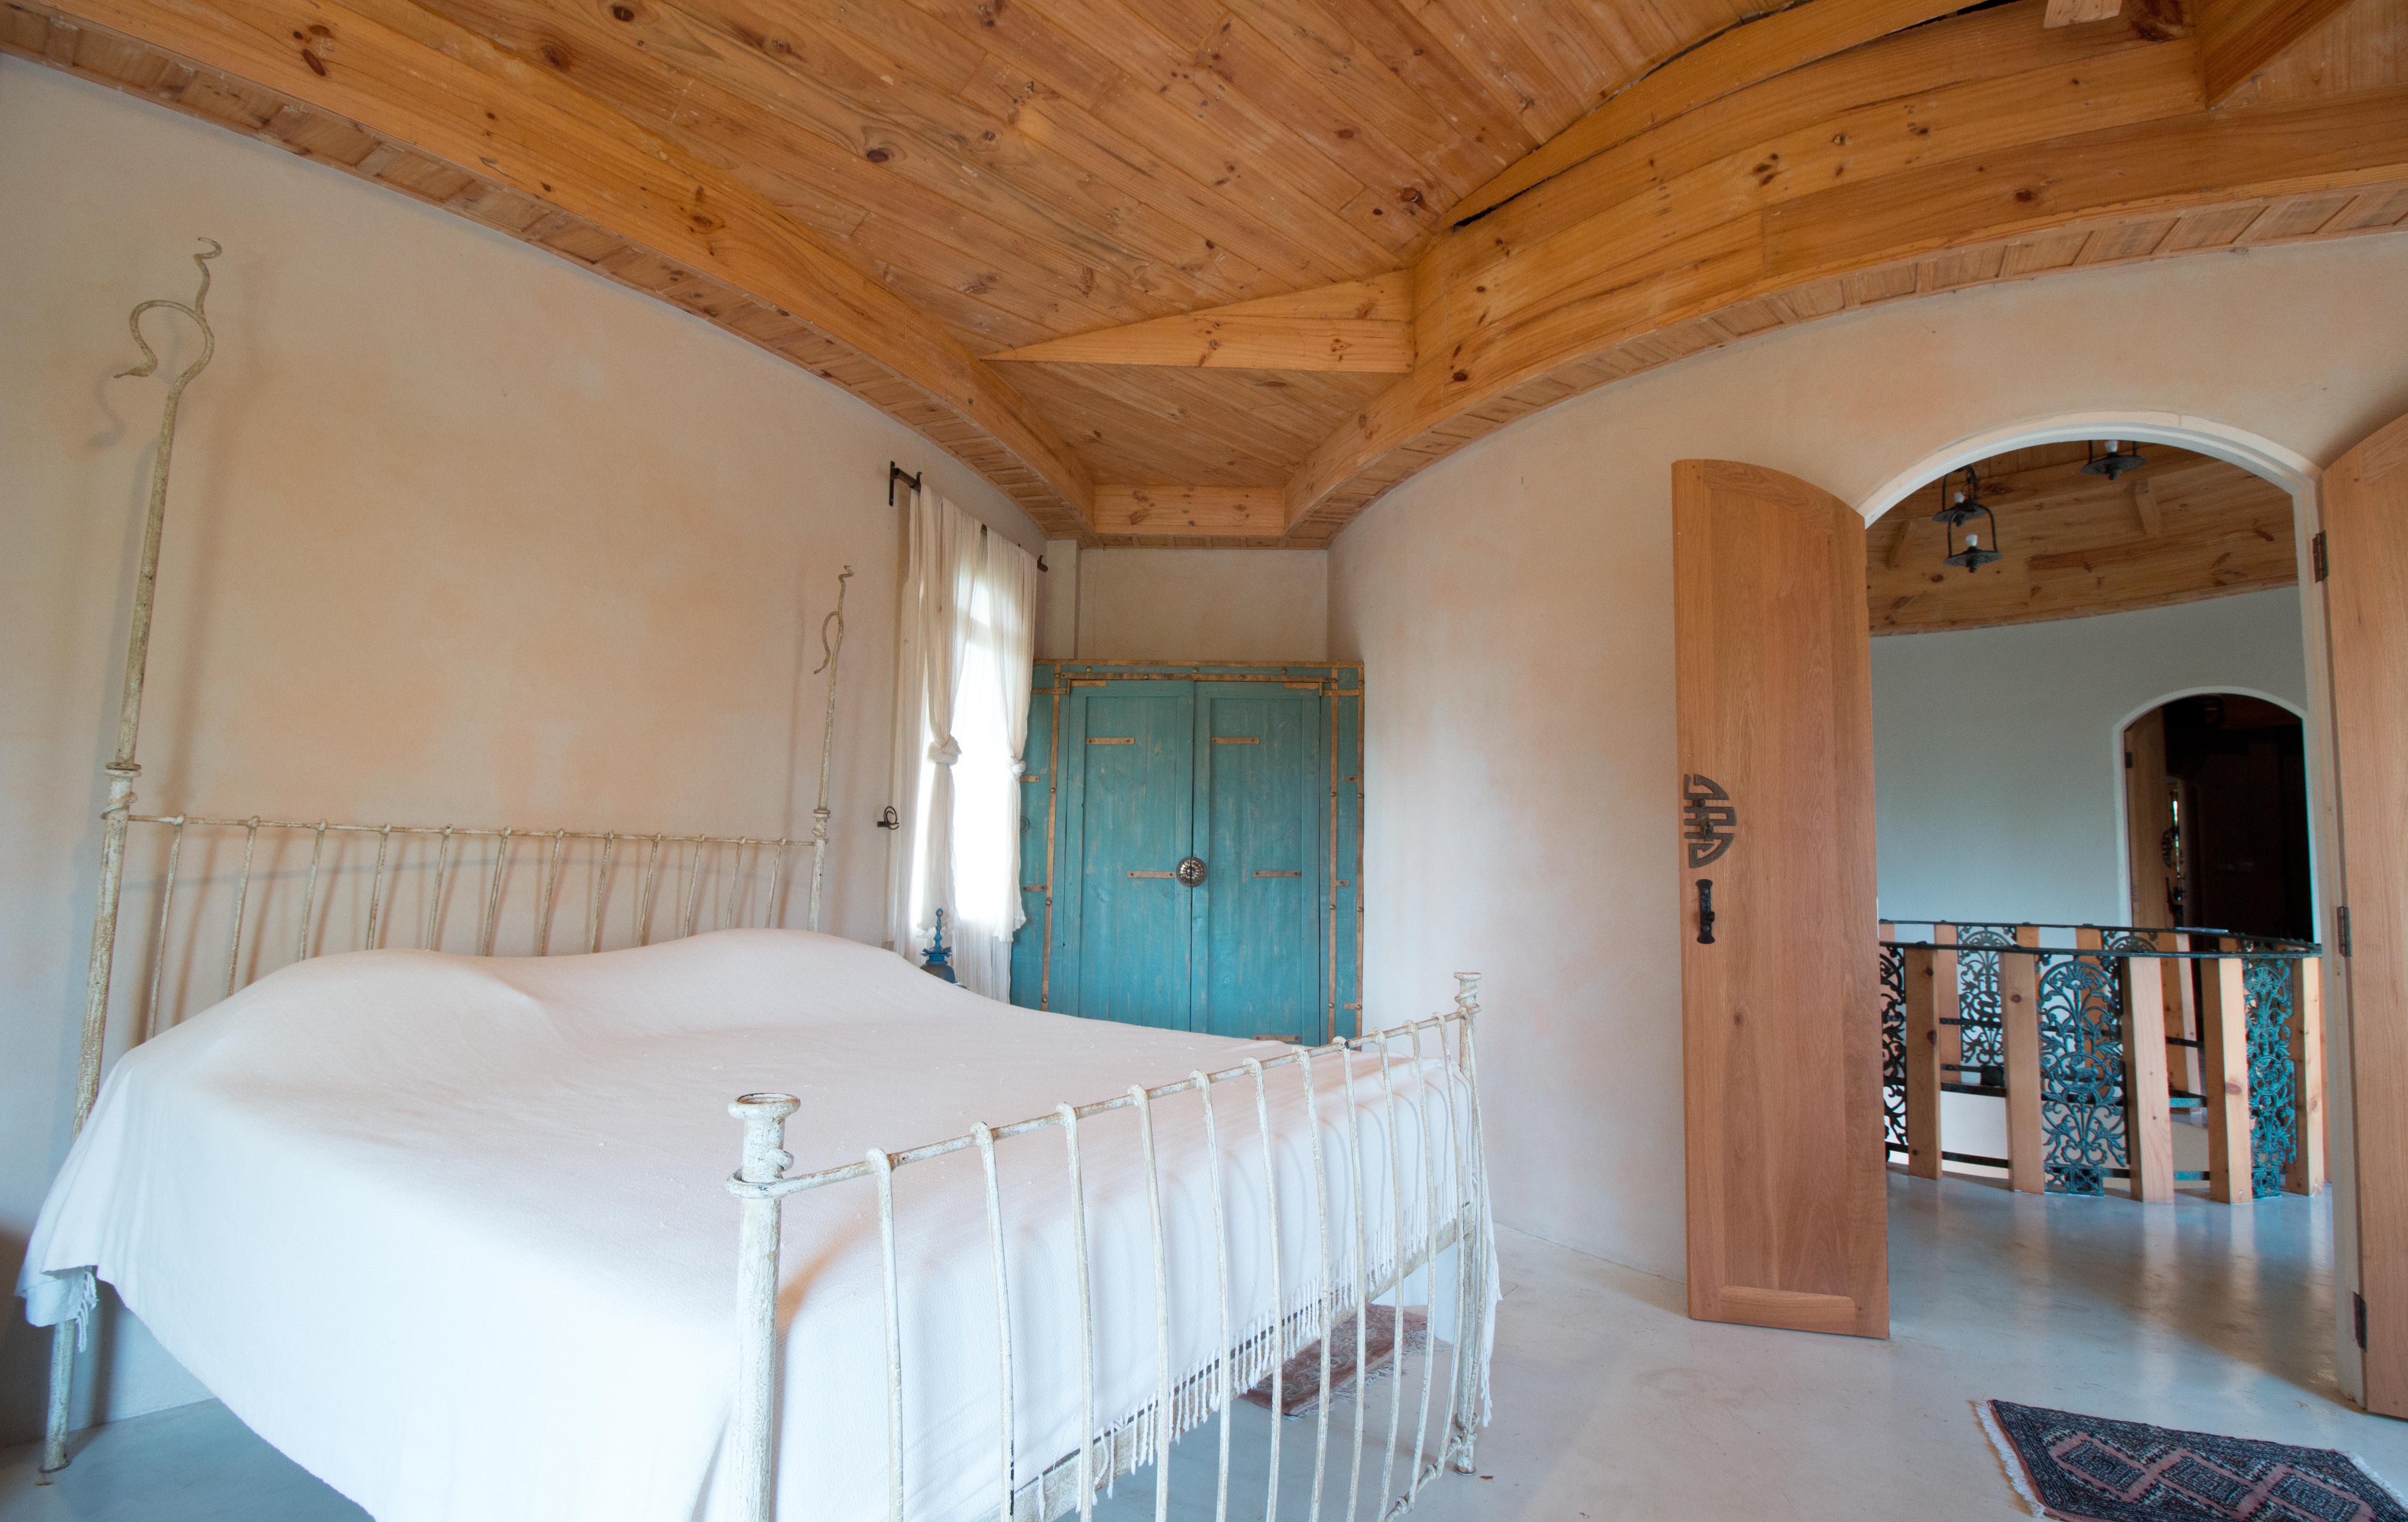 Makam Room